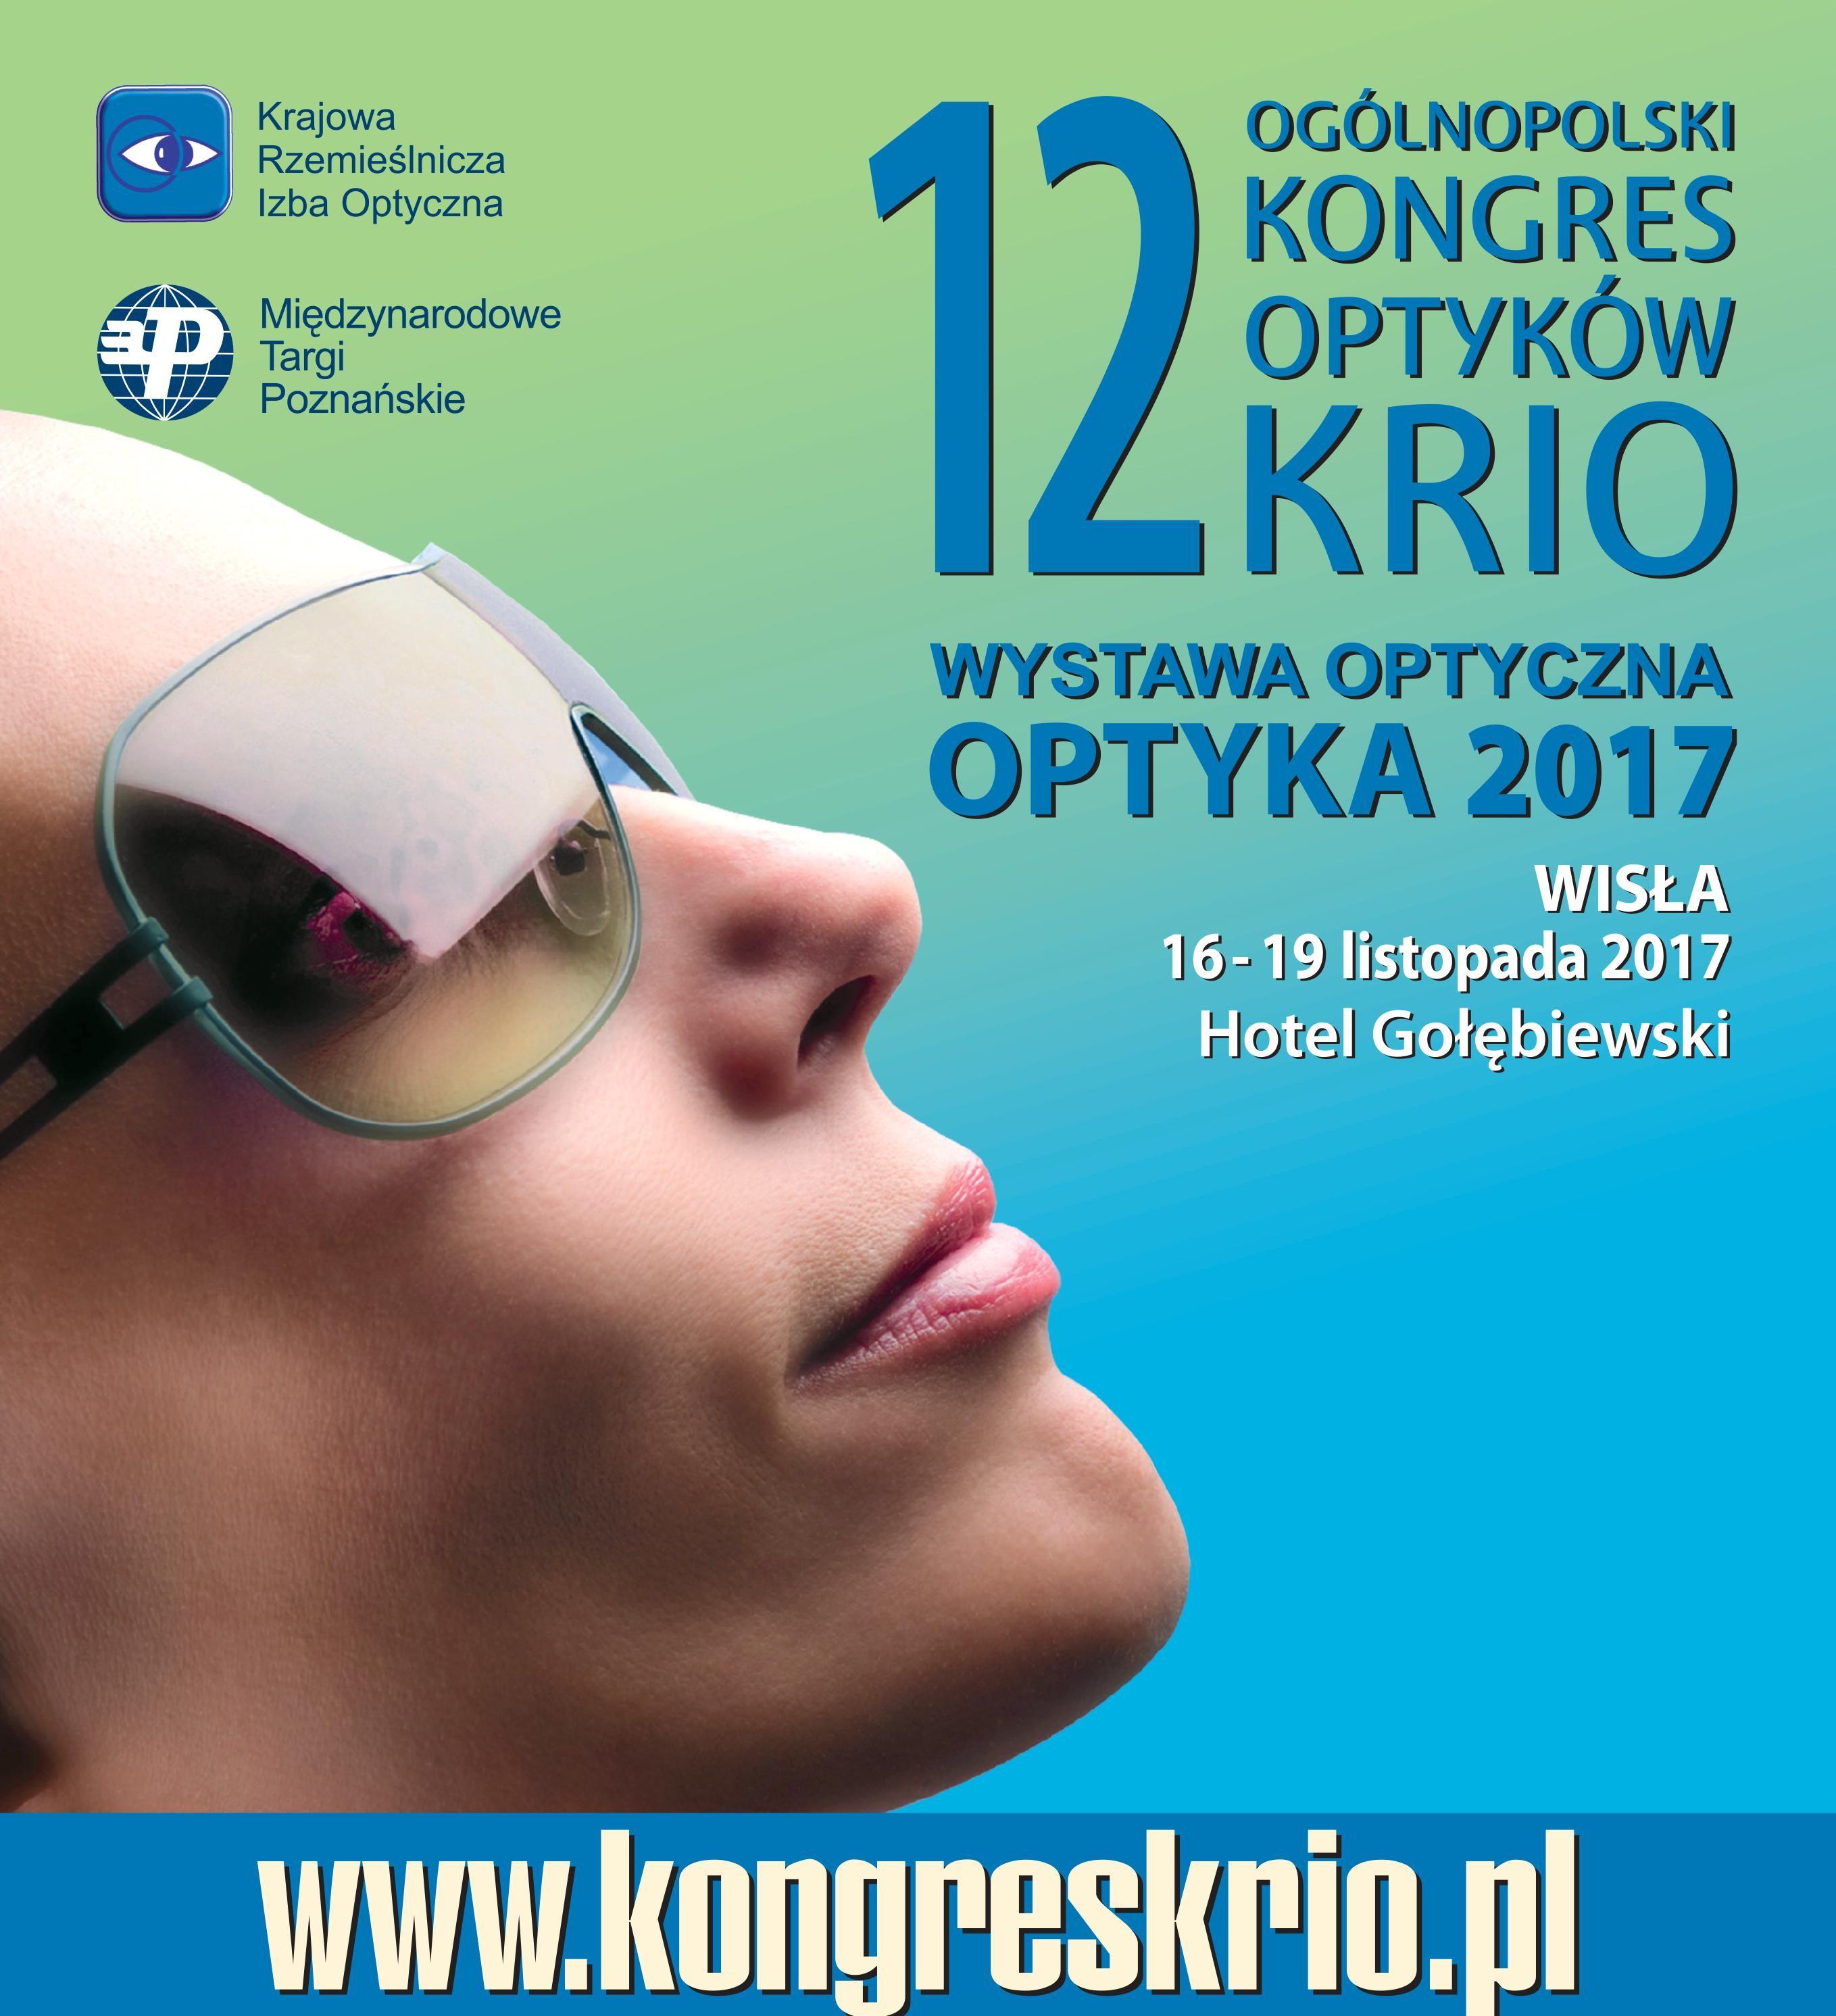 Kongres KRIO 2017